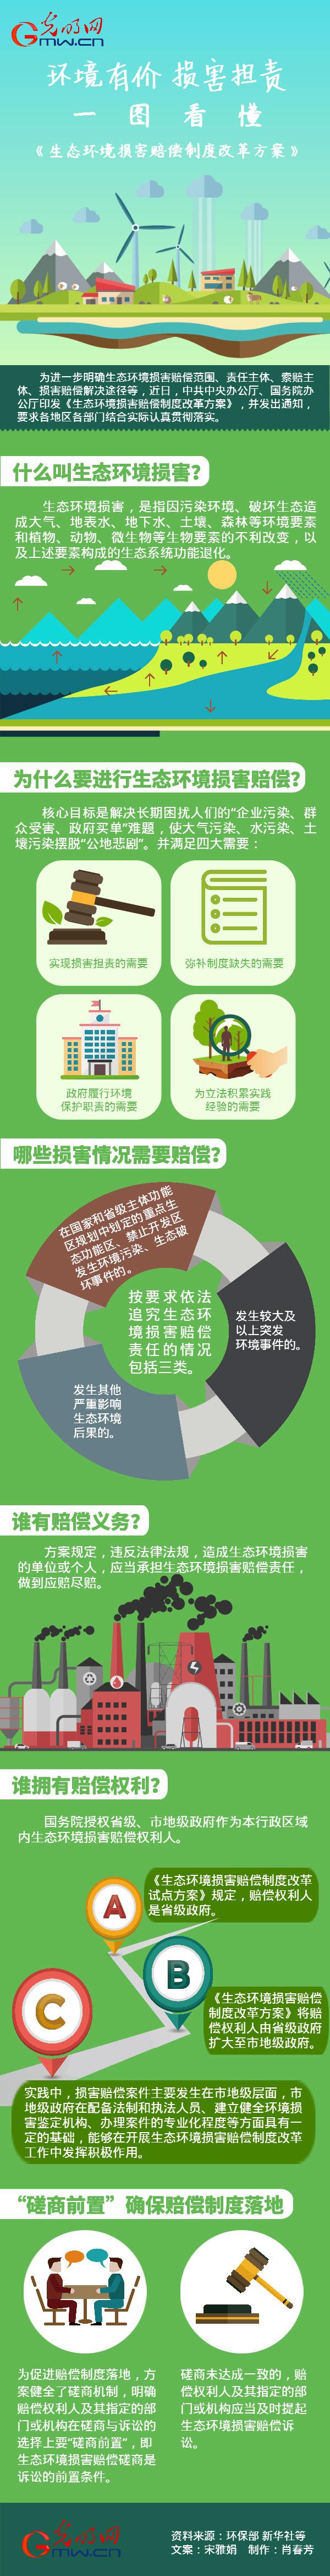 环境有价 损害担责,一图看懂《生态环境损害赔偿制度改革方案》